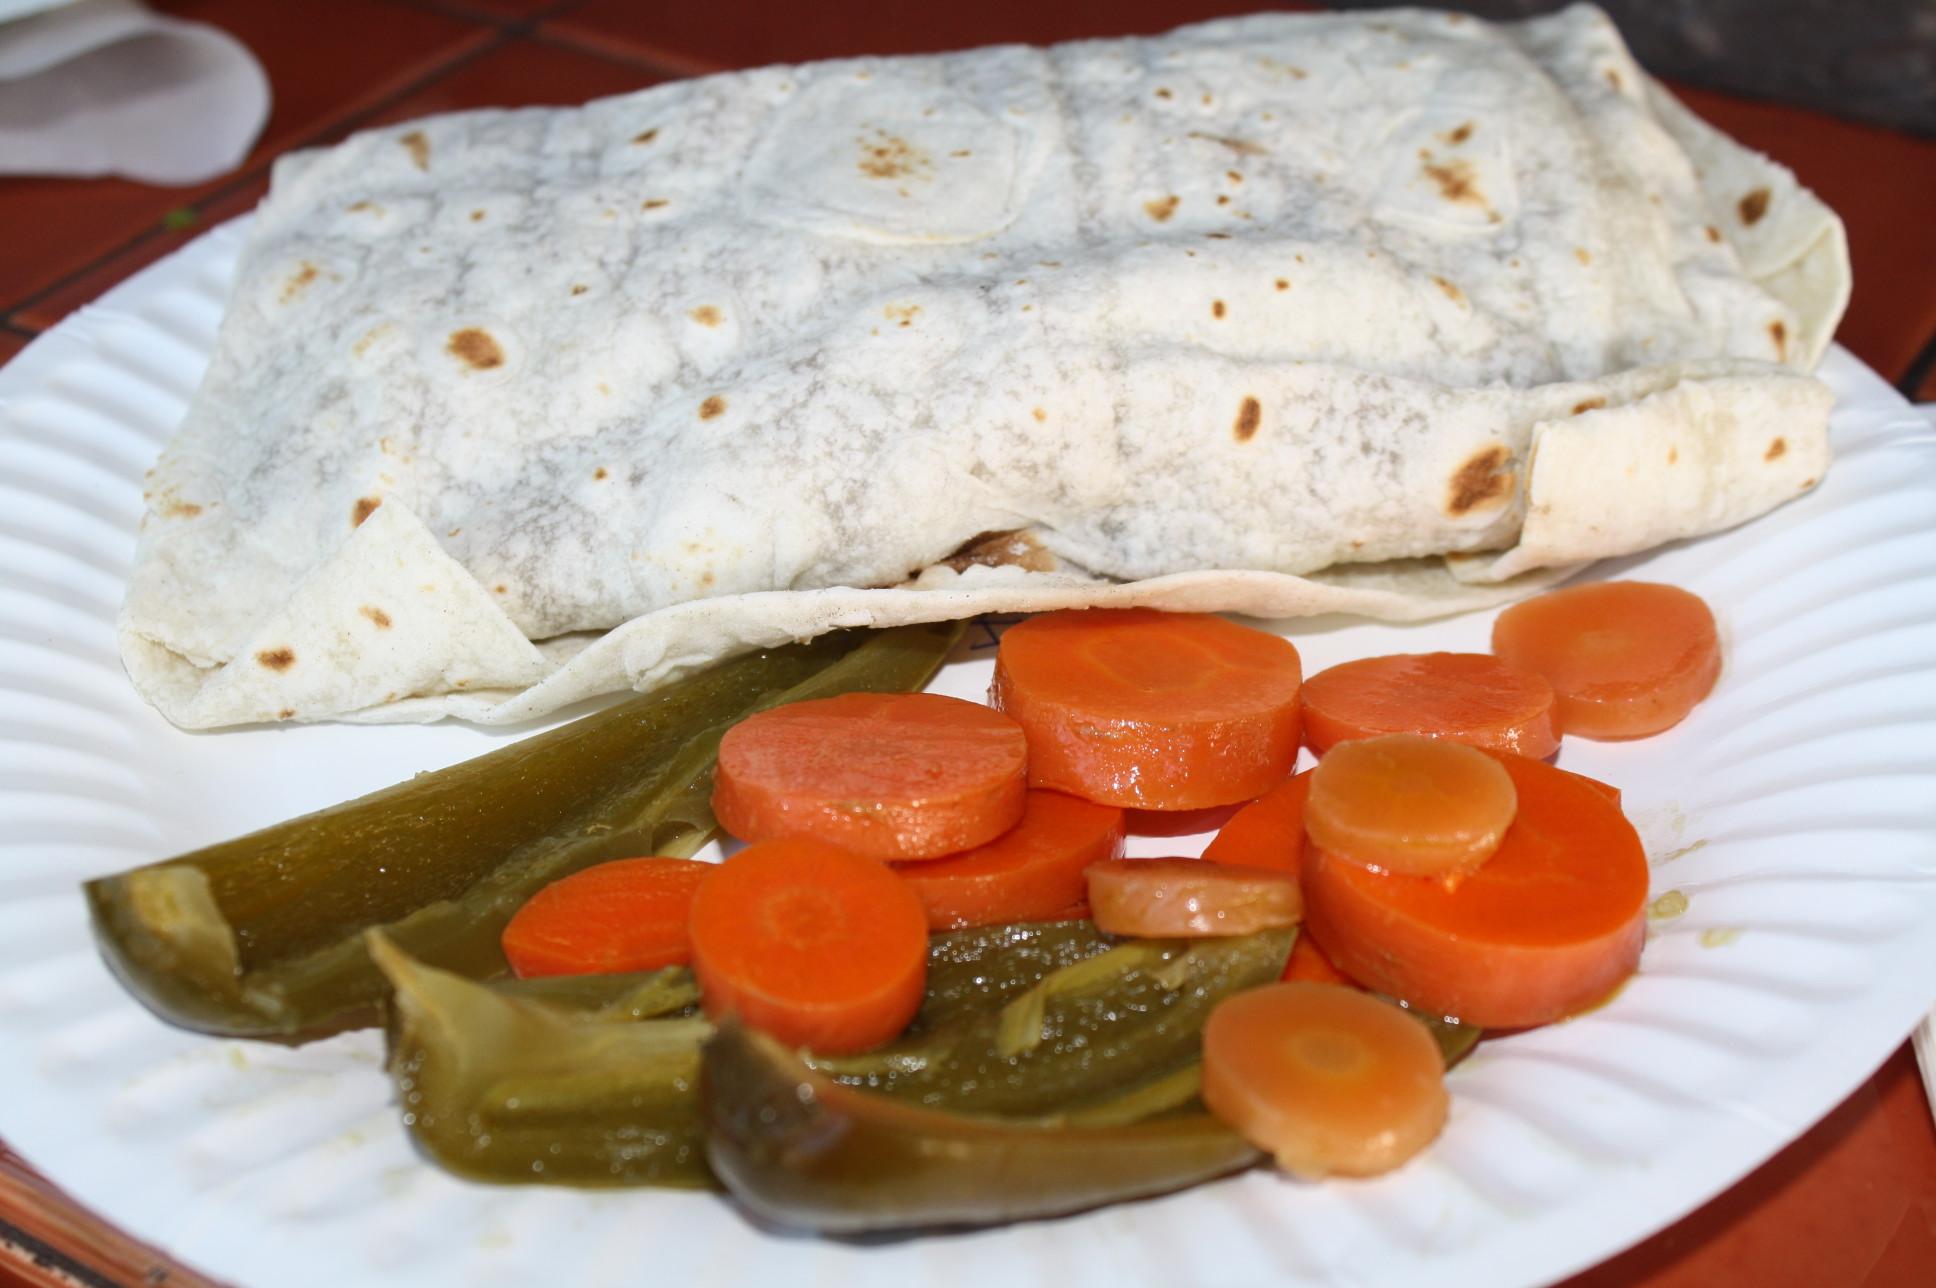 Burrito de carne asada. (Foto de Agustín Durán/El Pasajero).